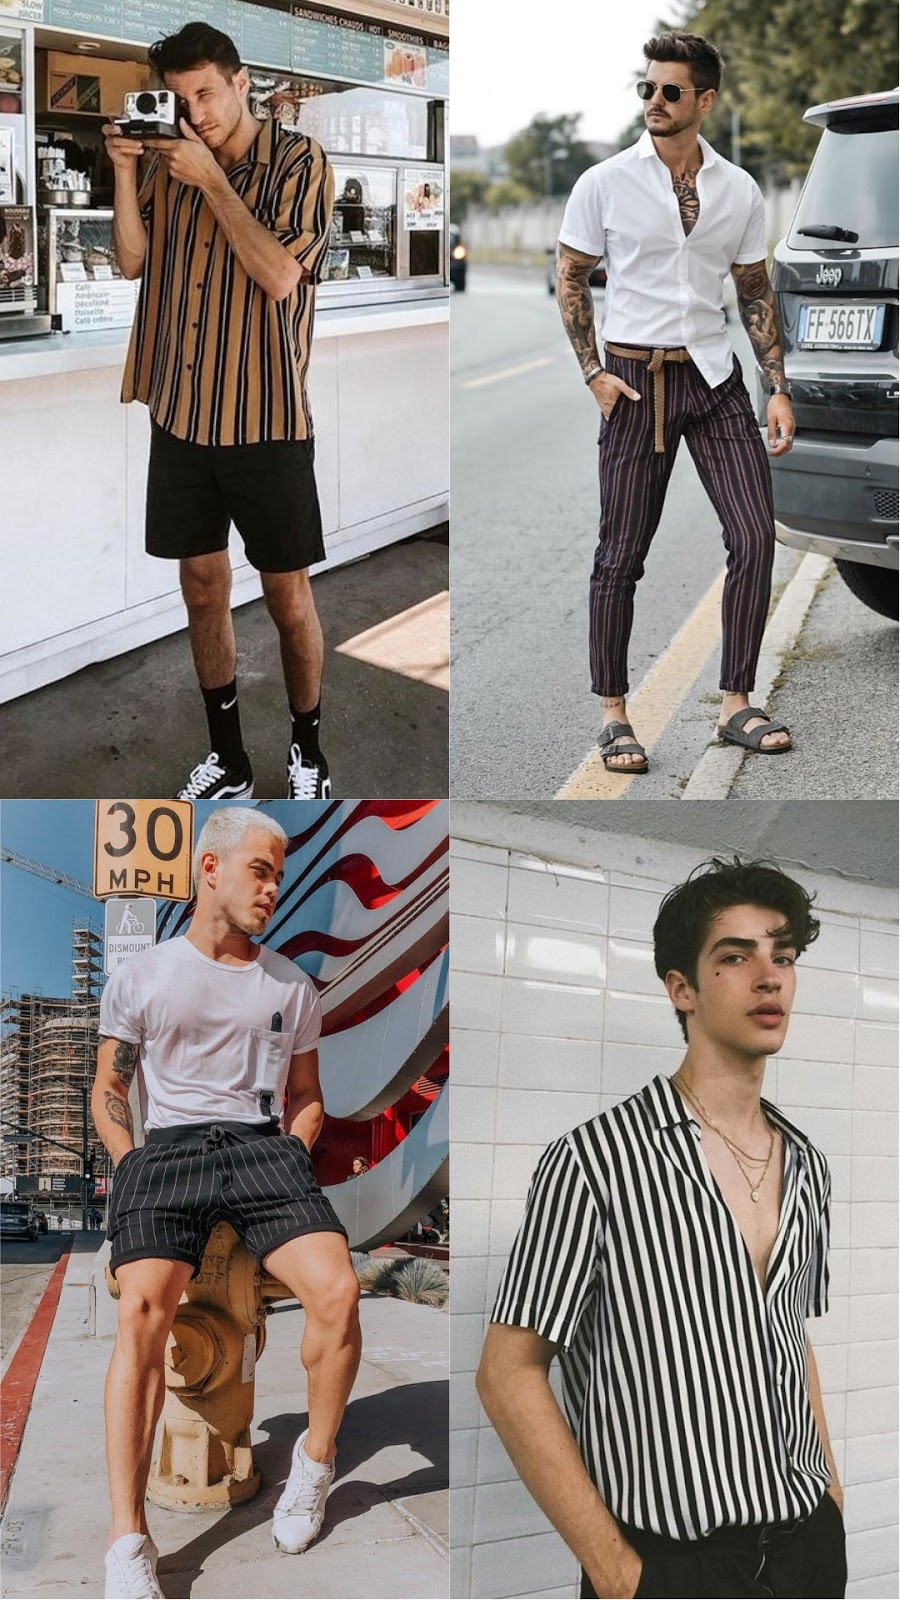 tendencias-moda-masculina-primavera-verao-2019-blog-tres-chic-listras-verticais